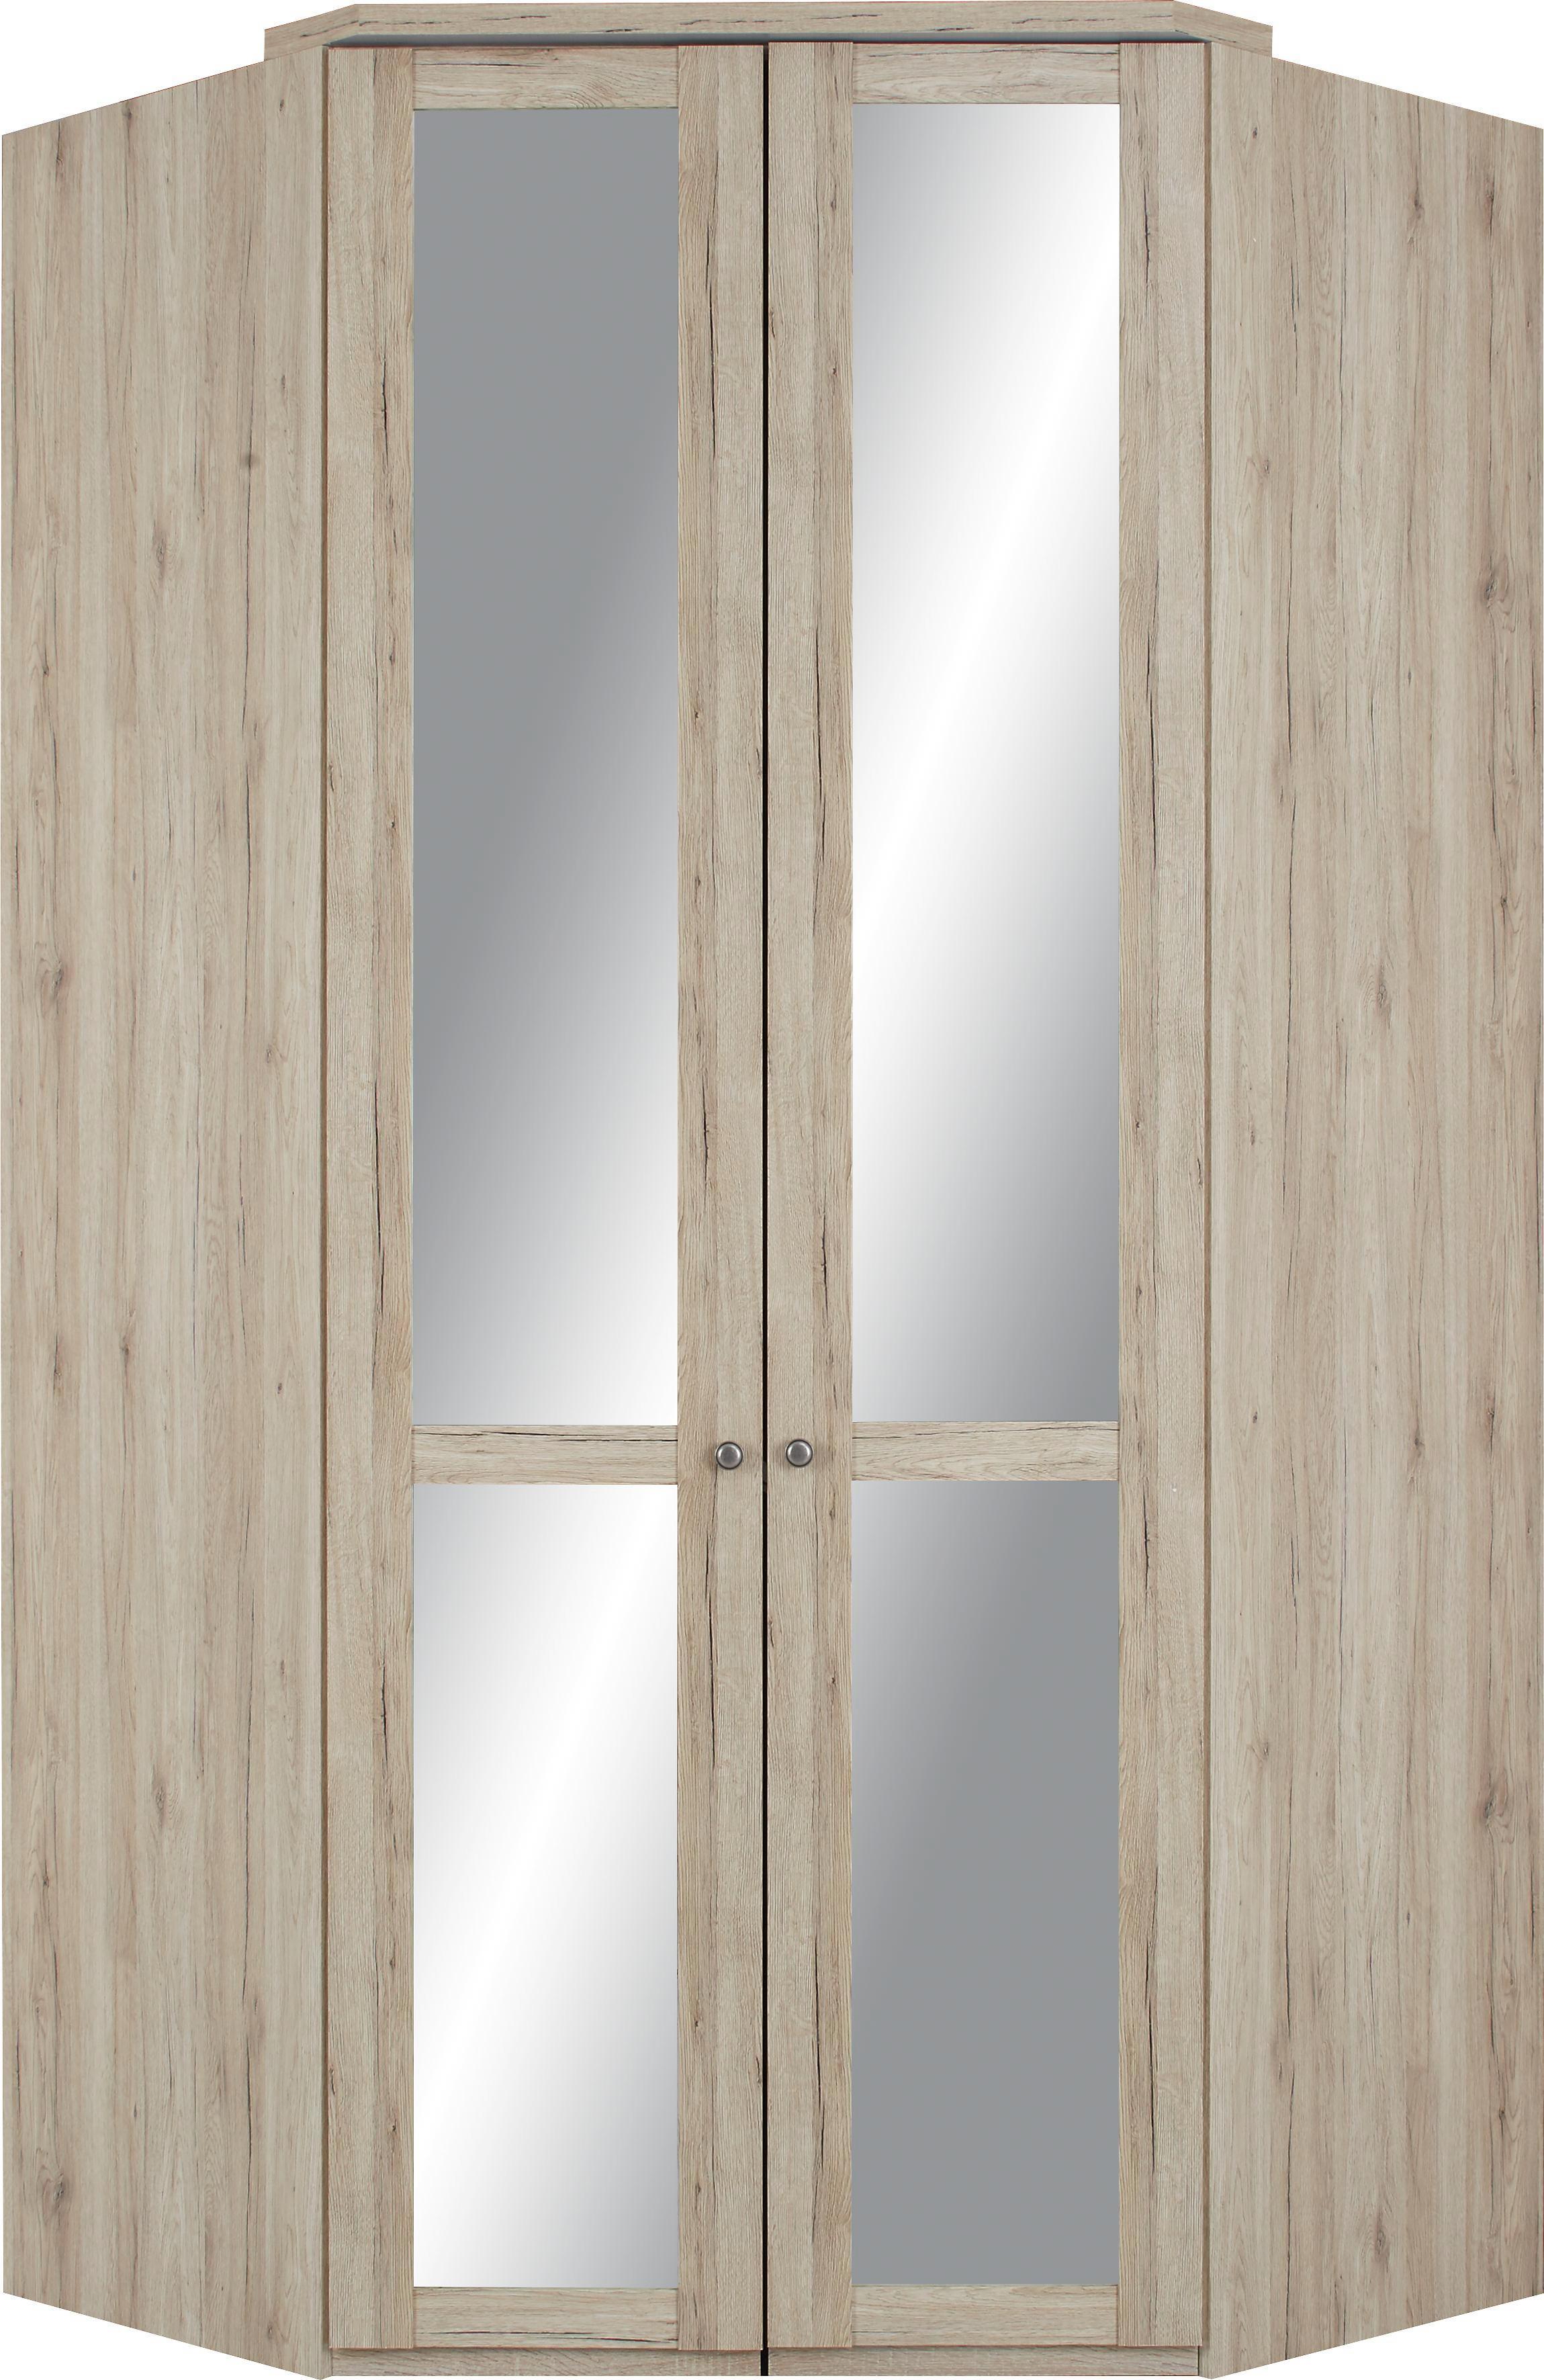 Eckschrank in Eiche - Eichefarben, ROMANTIK / LANDHAUS, Holz/Holzwerkstoff (120/234/120cm) - PREMIUM LIVING